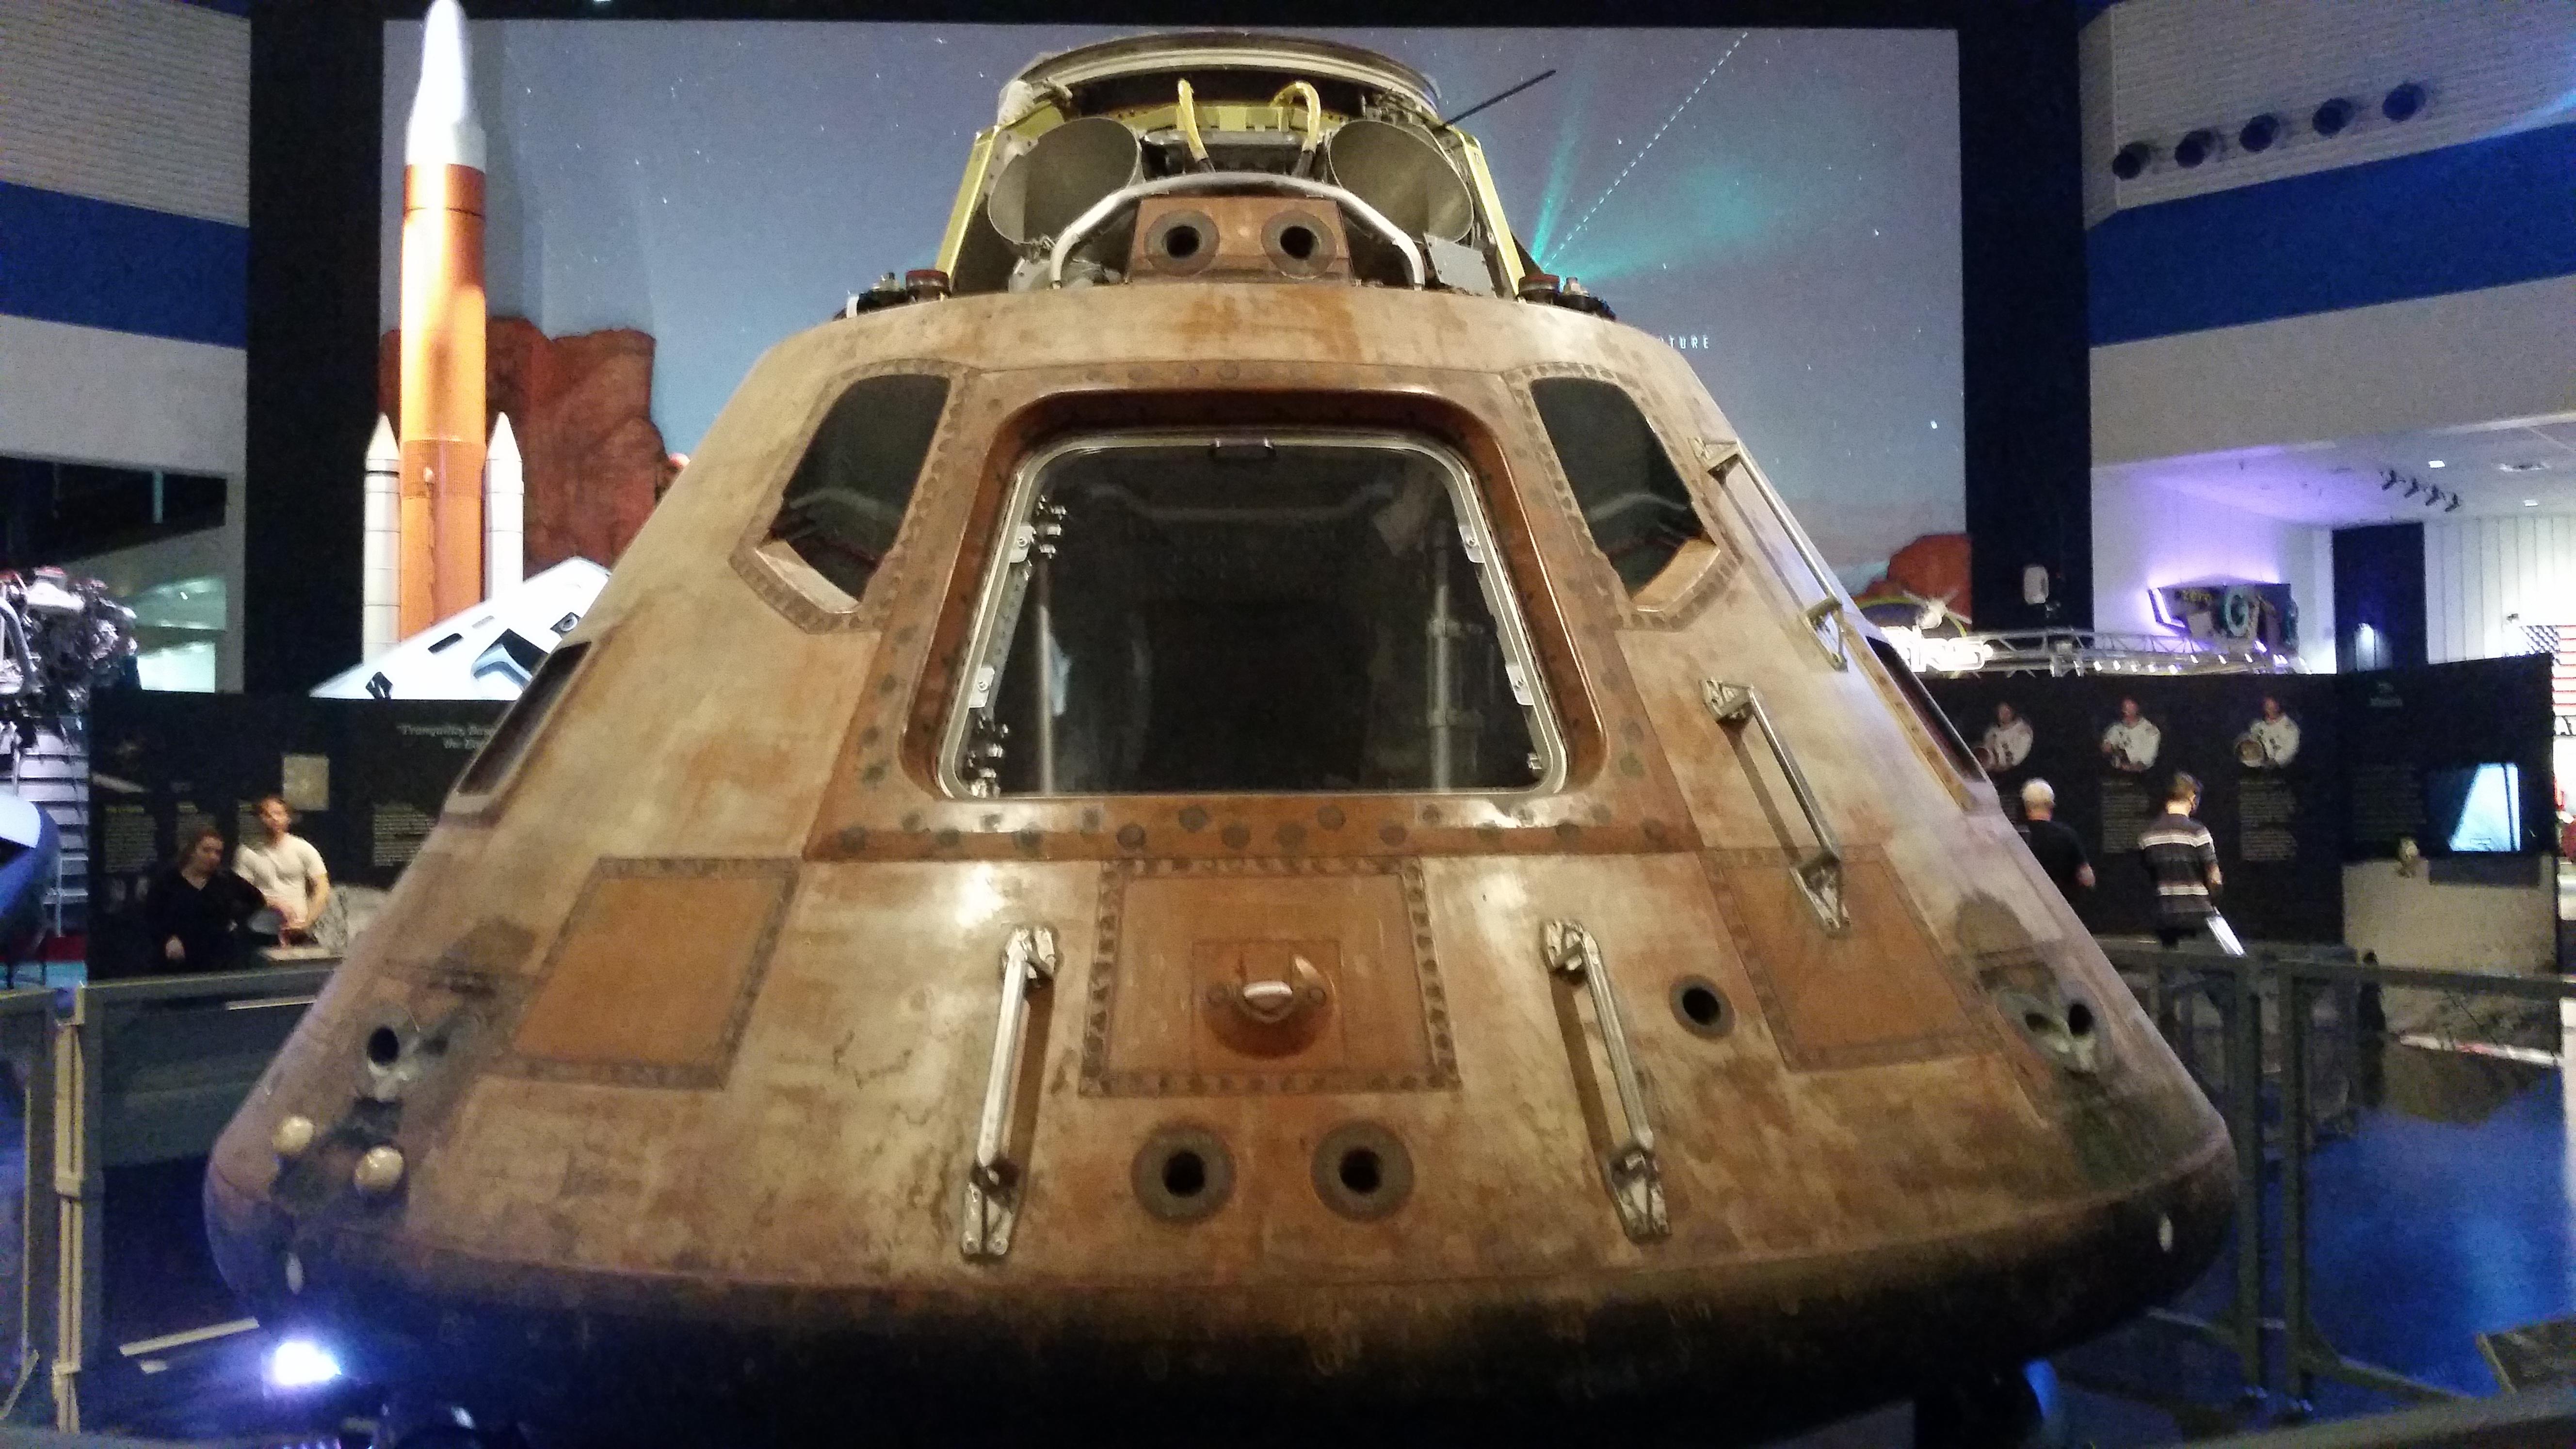 apollo 11 at space center houston - photo #9